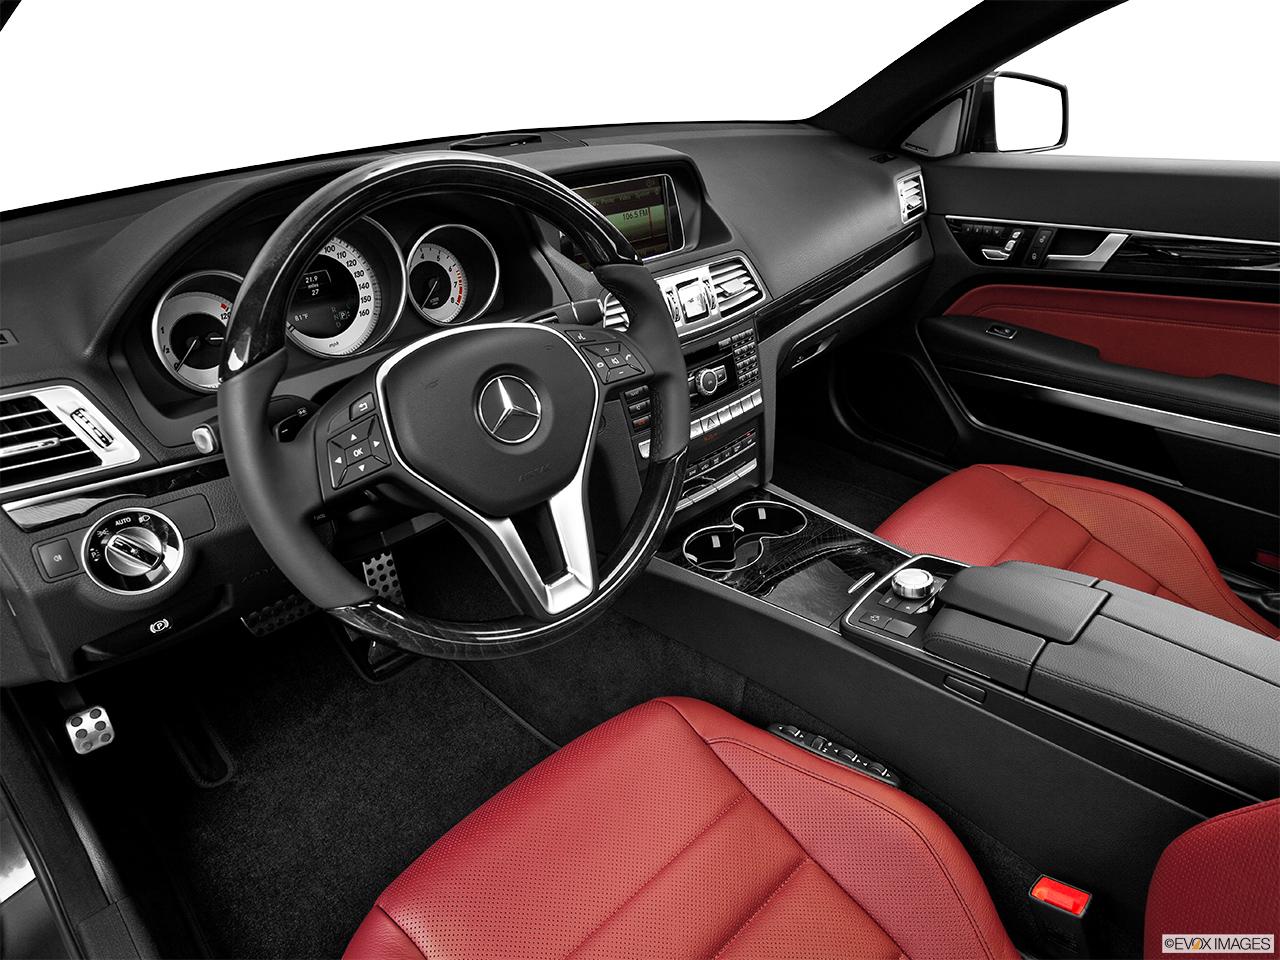 Mercedes e350 coupe autos post - Mercedes e coupe interior ...